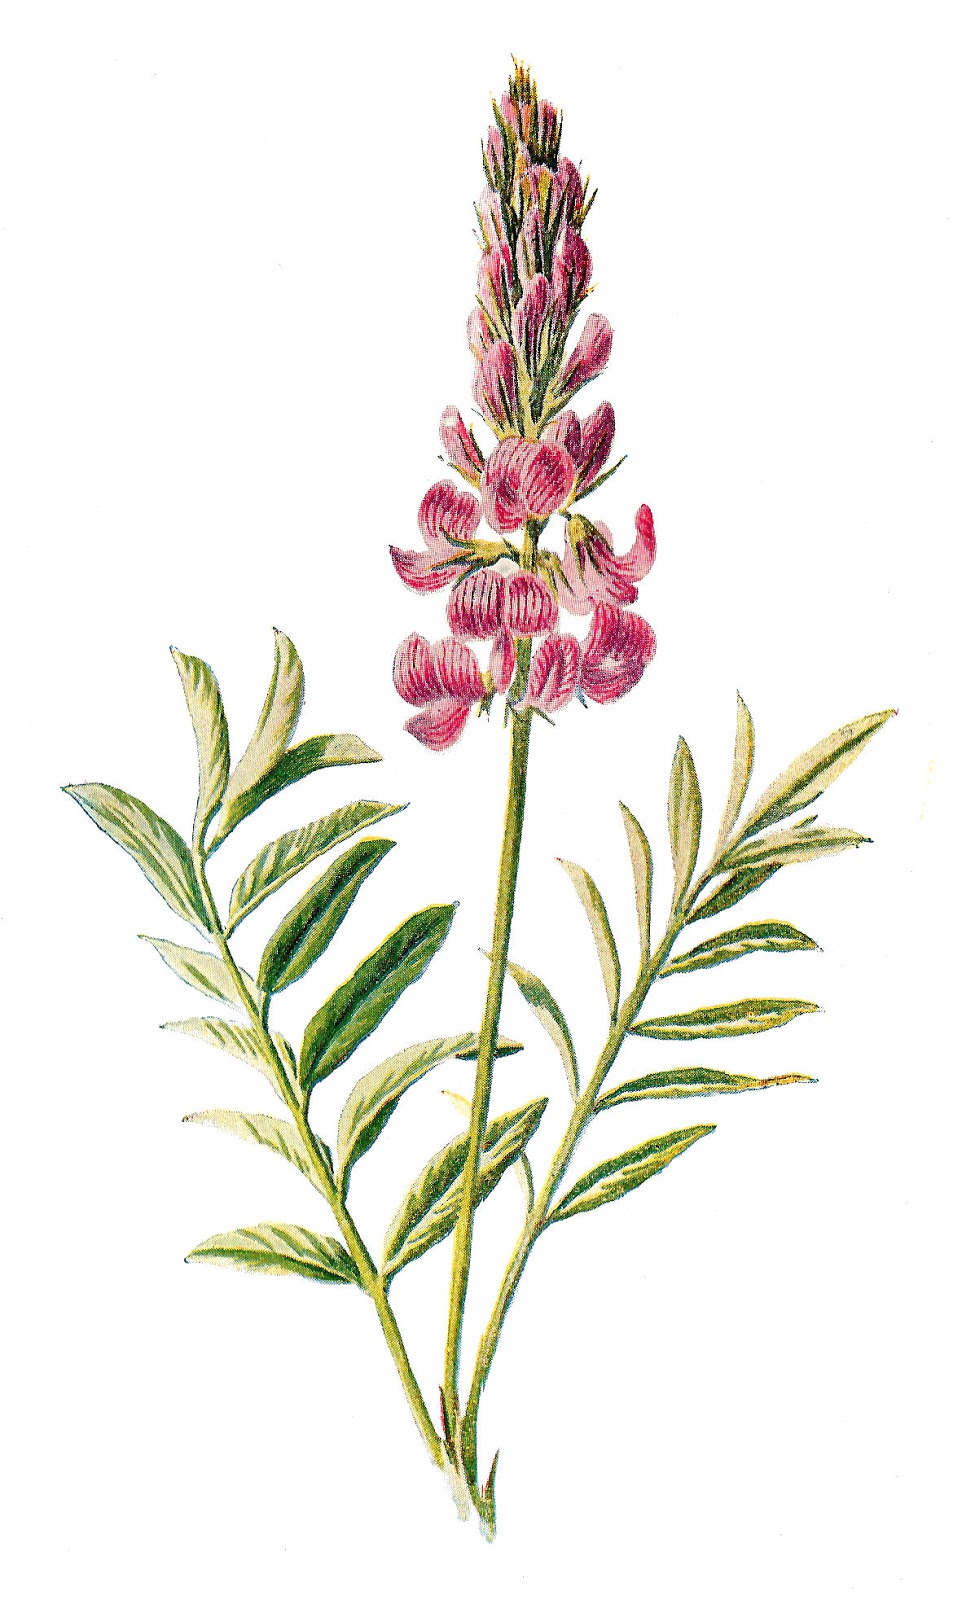 Antique Images: Digital Flower Illustration Vintage Wildflower.